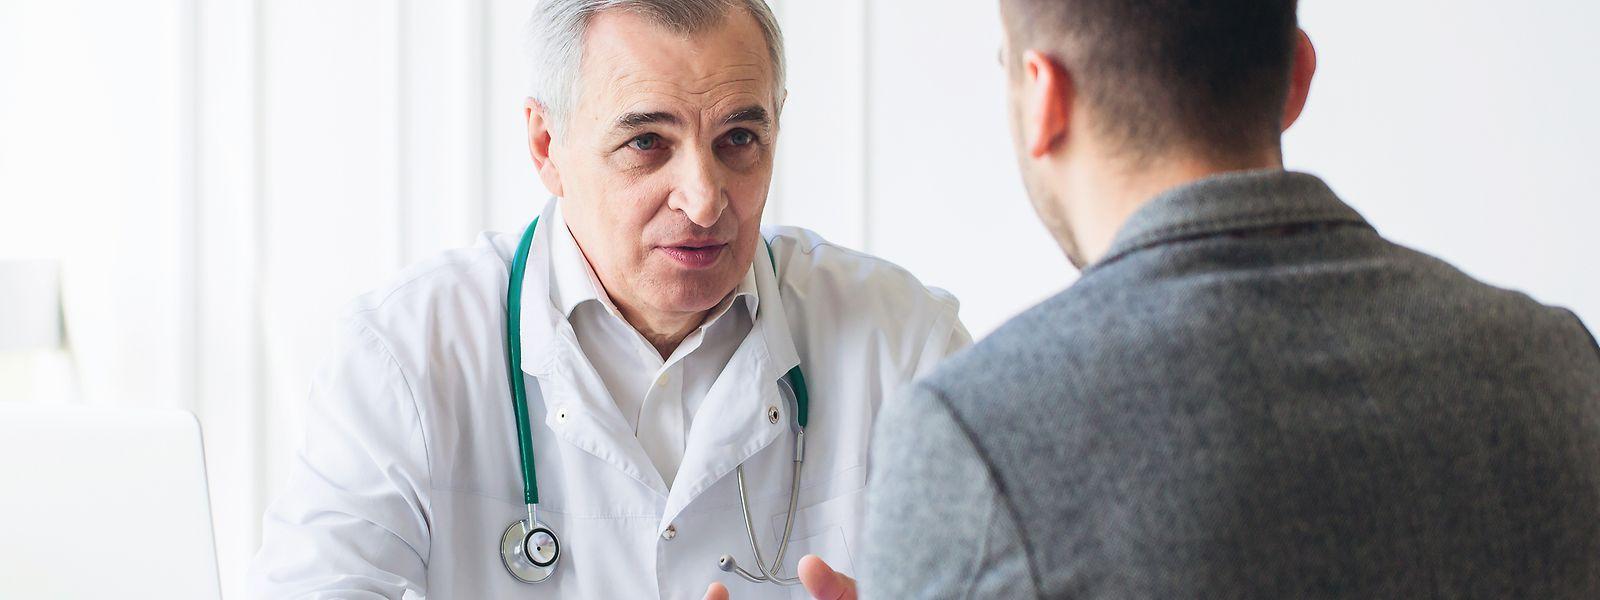 L'Association des médecins et médecins-dentistes est très préoccupée car «toutes les données indiquent que nous atteindrons une situation d'urgence alarmante au plus tard en 2030».